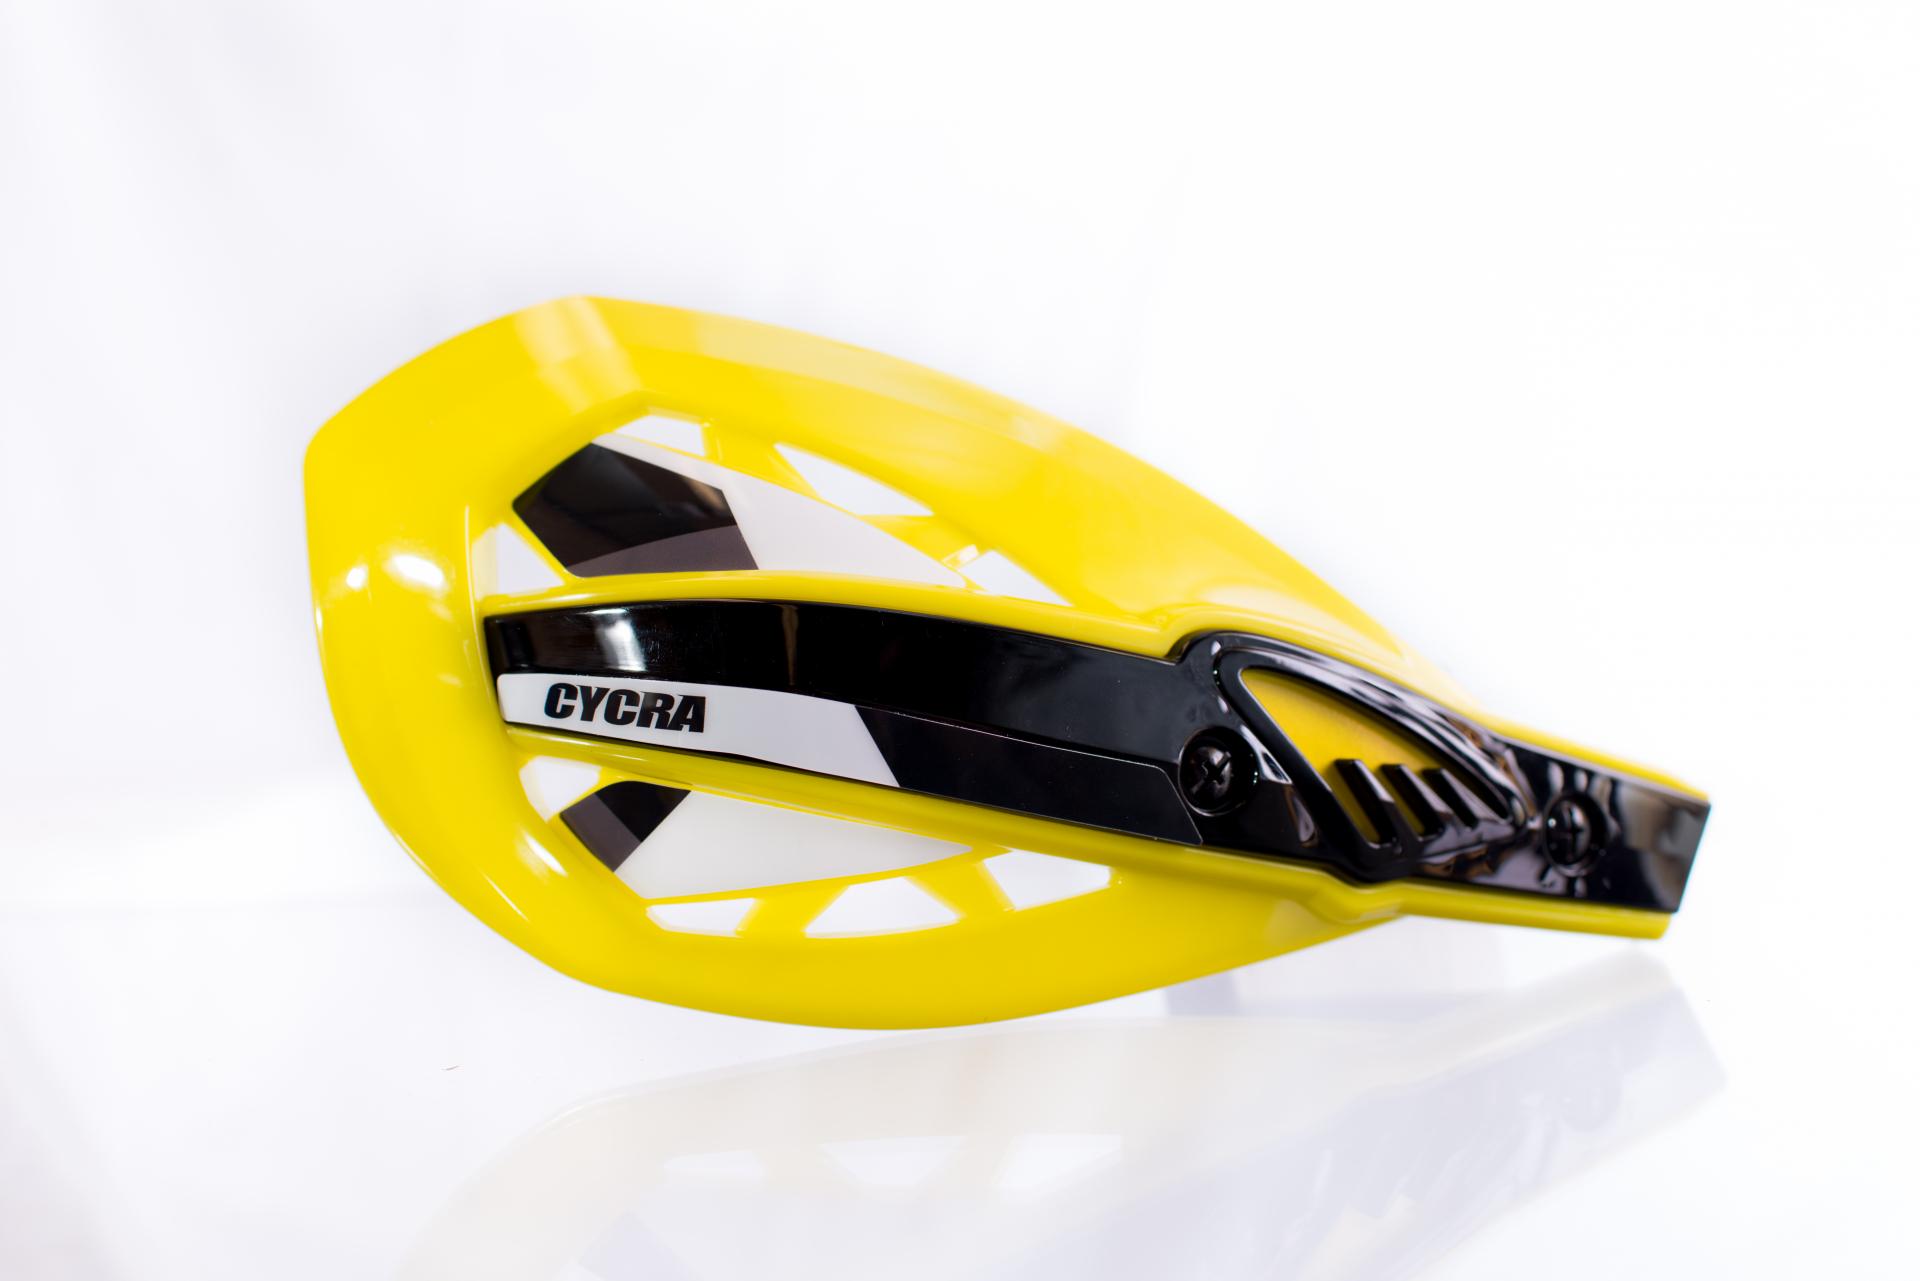 CYCRA サイクラ ECLIPSE (エクリプス) ハンドガードキット・Suzuki 2016-2020用パーチマウント